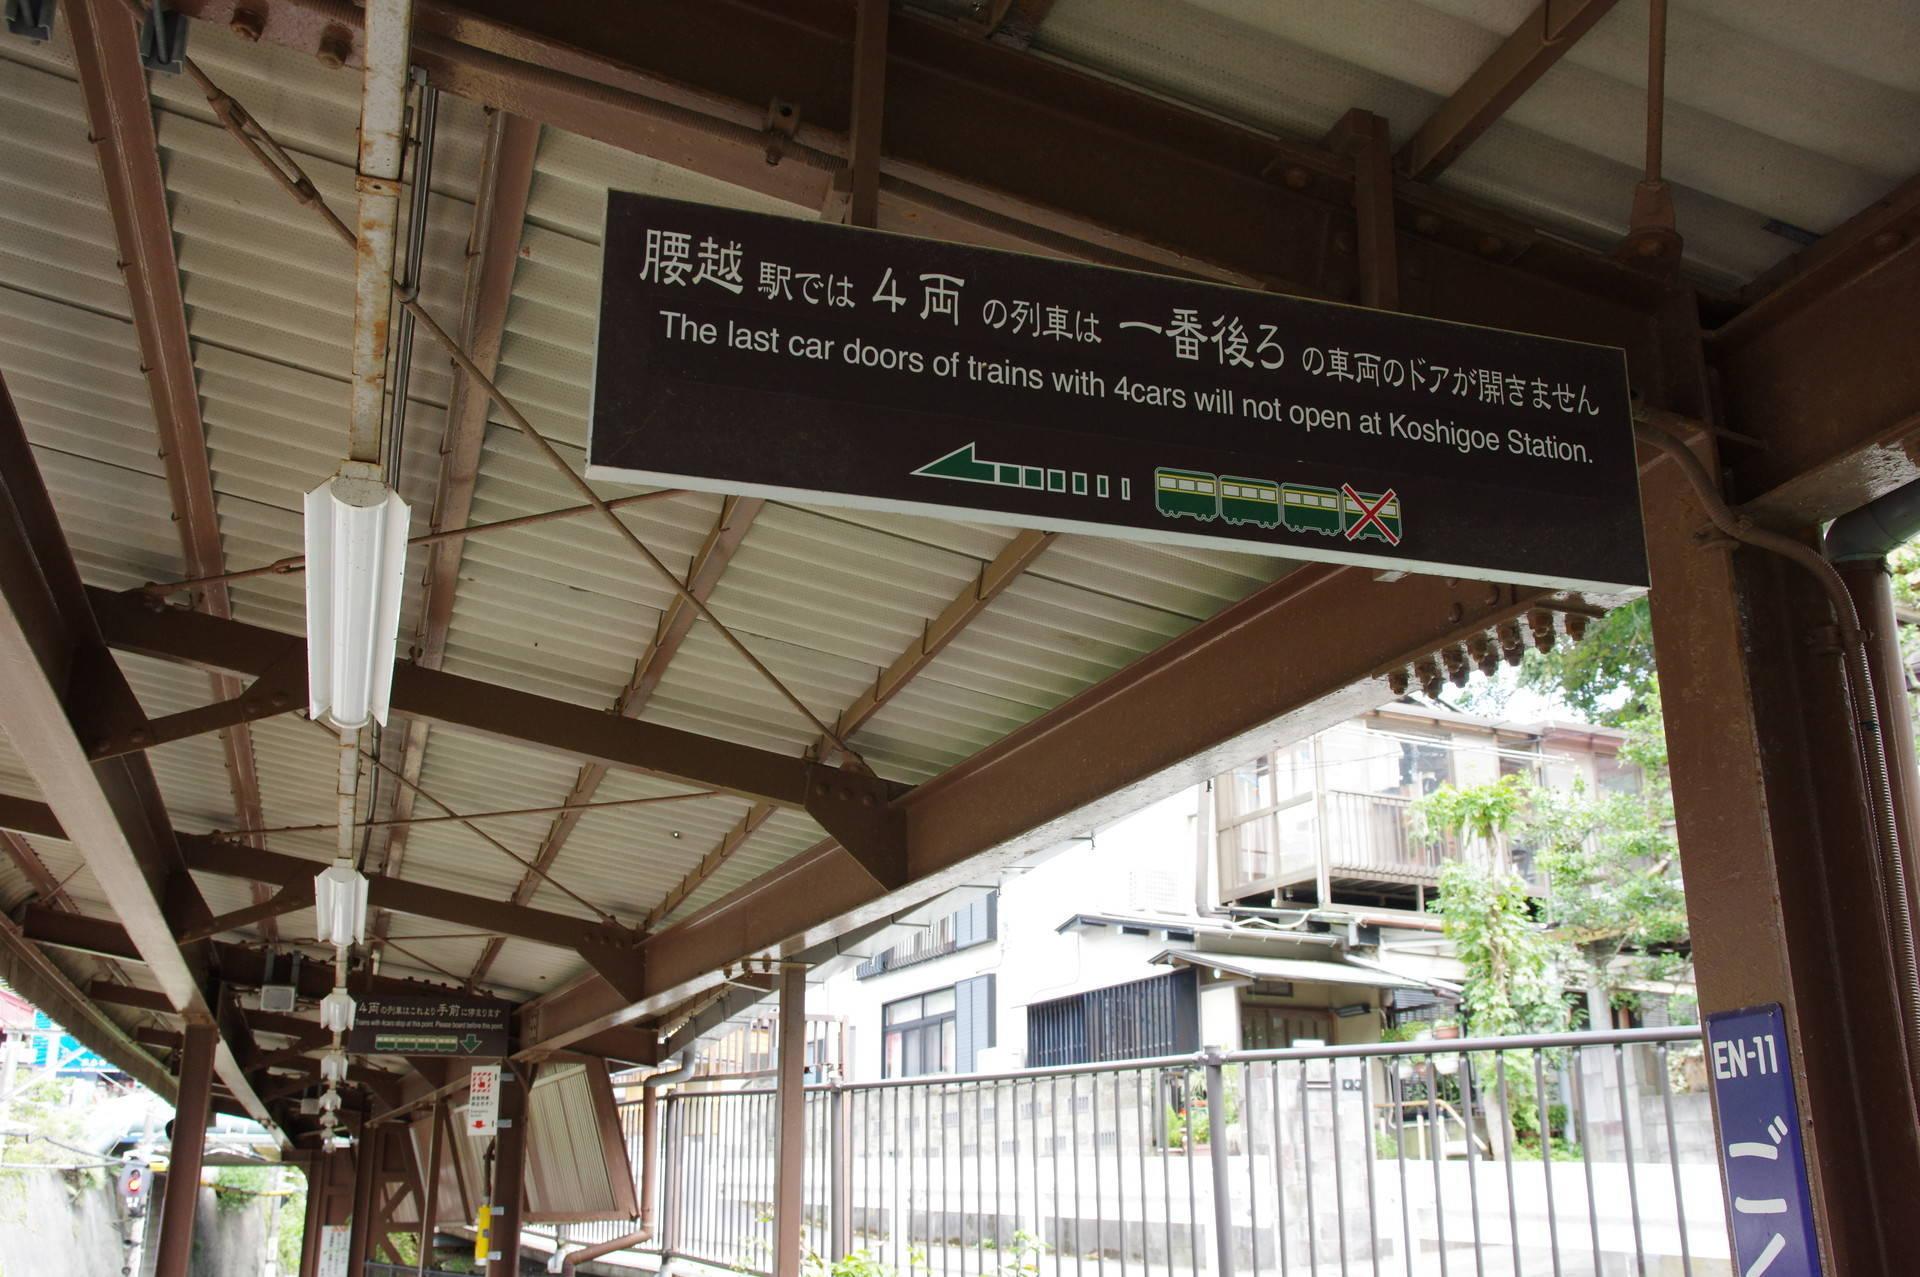 「4両の列車はこれより手前に停まります」の看板